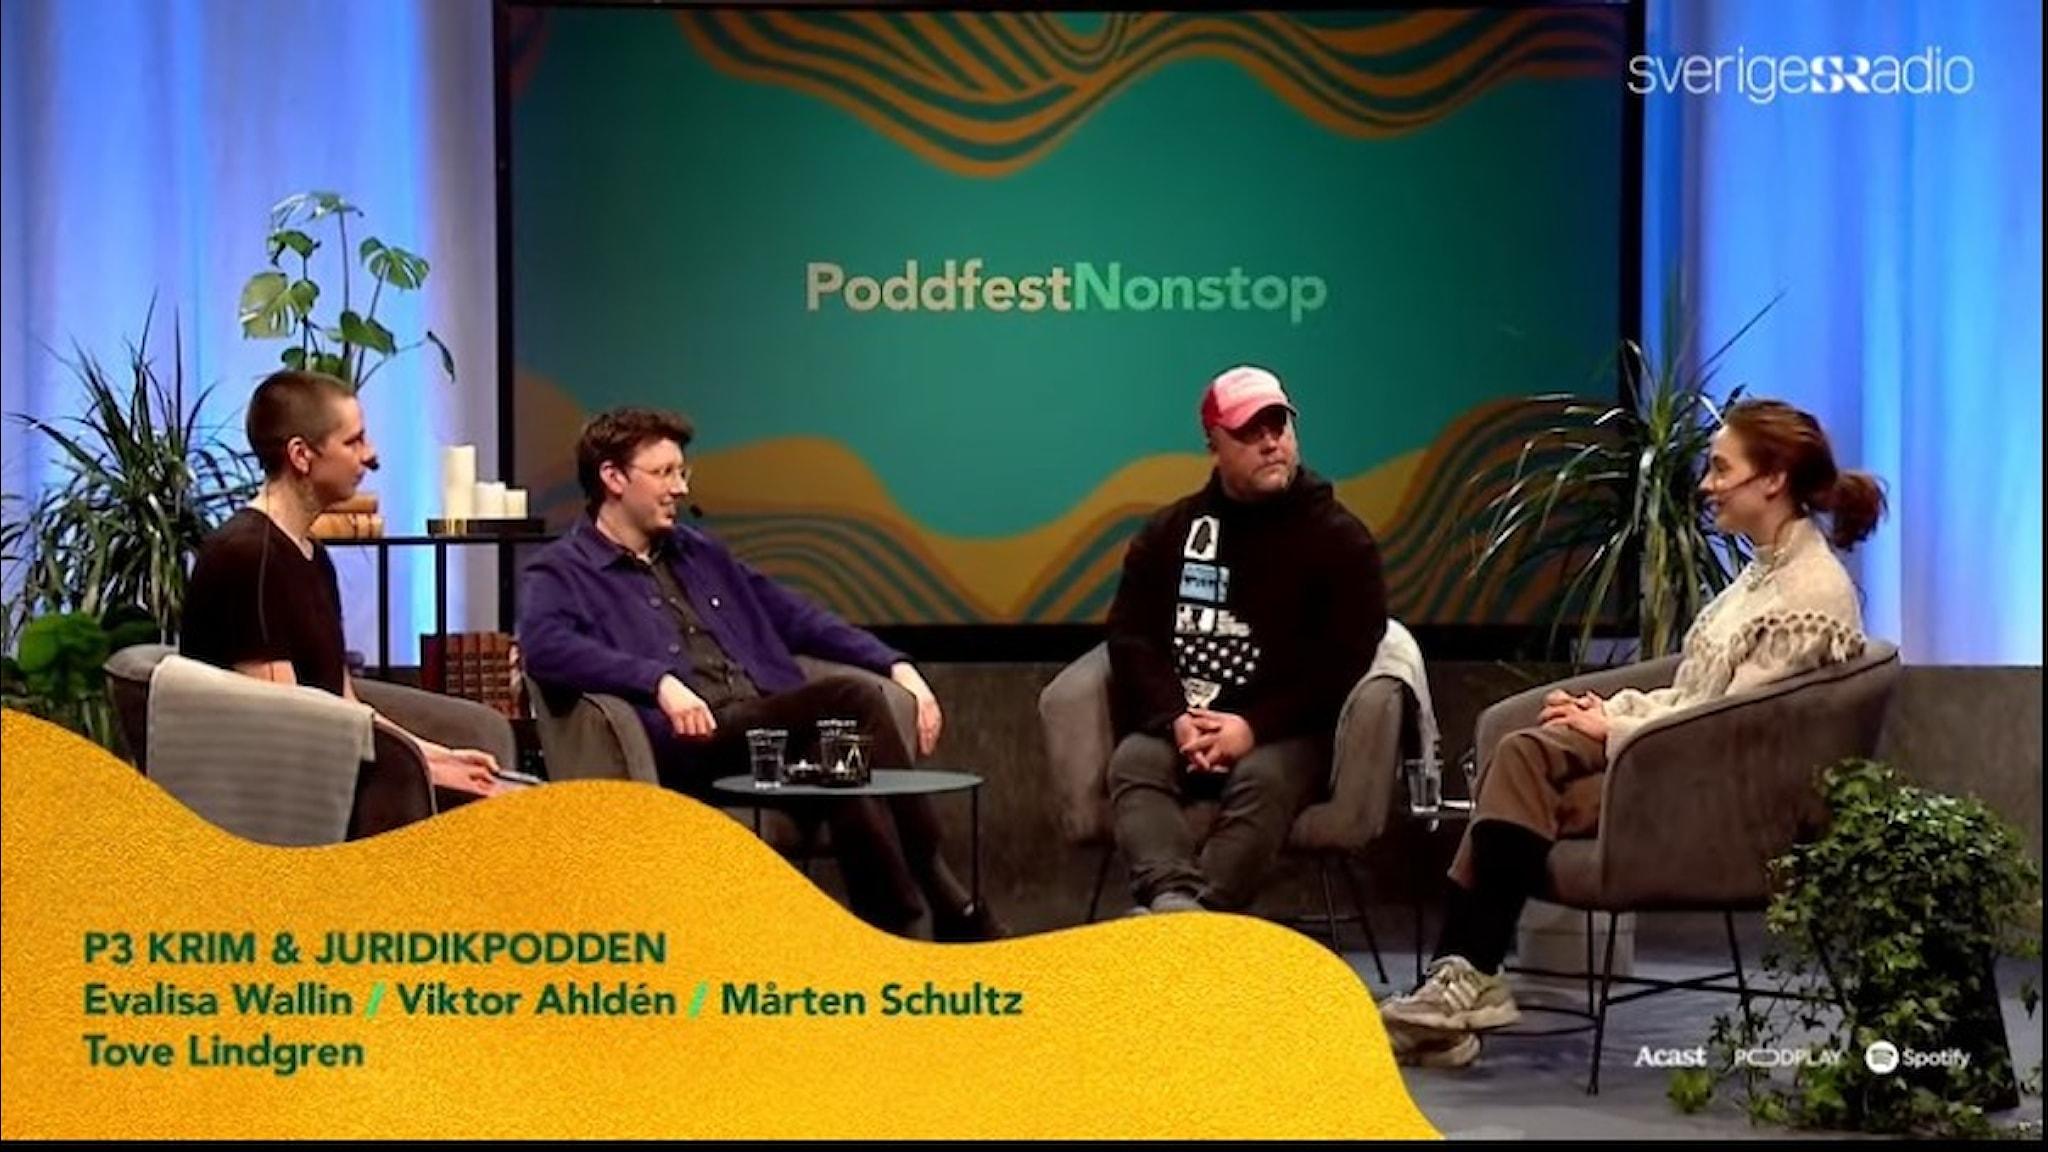 En bild på de medverkande i samtalet på Poddfest med P3 Krim och Juridikpodden